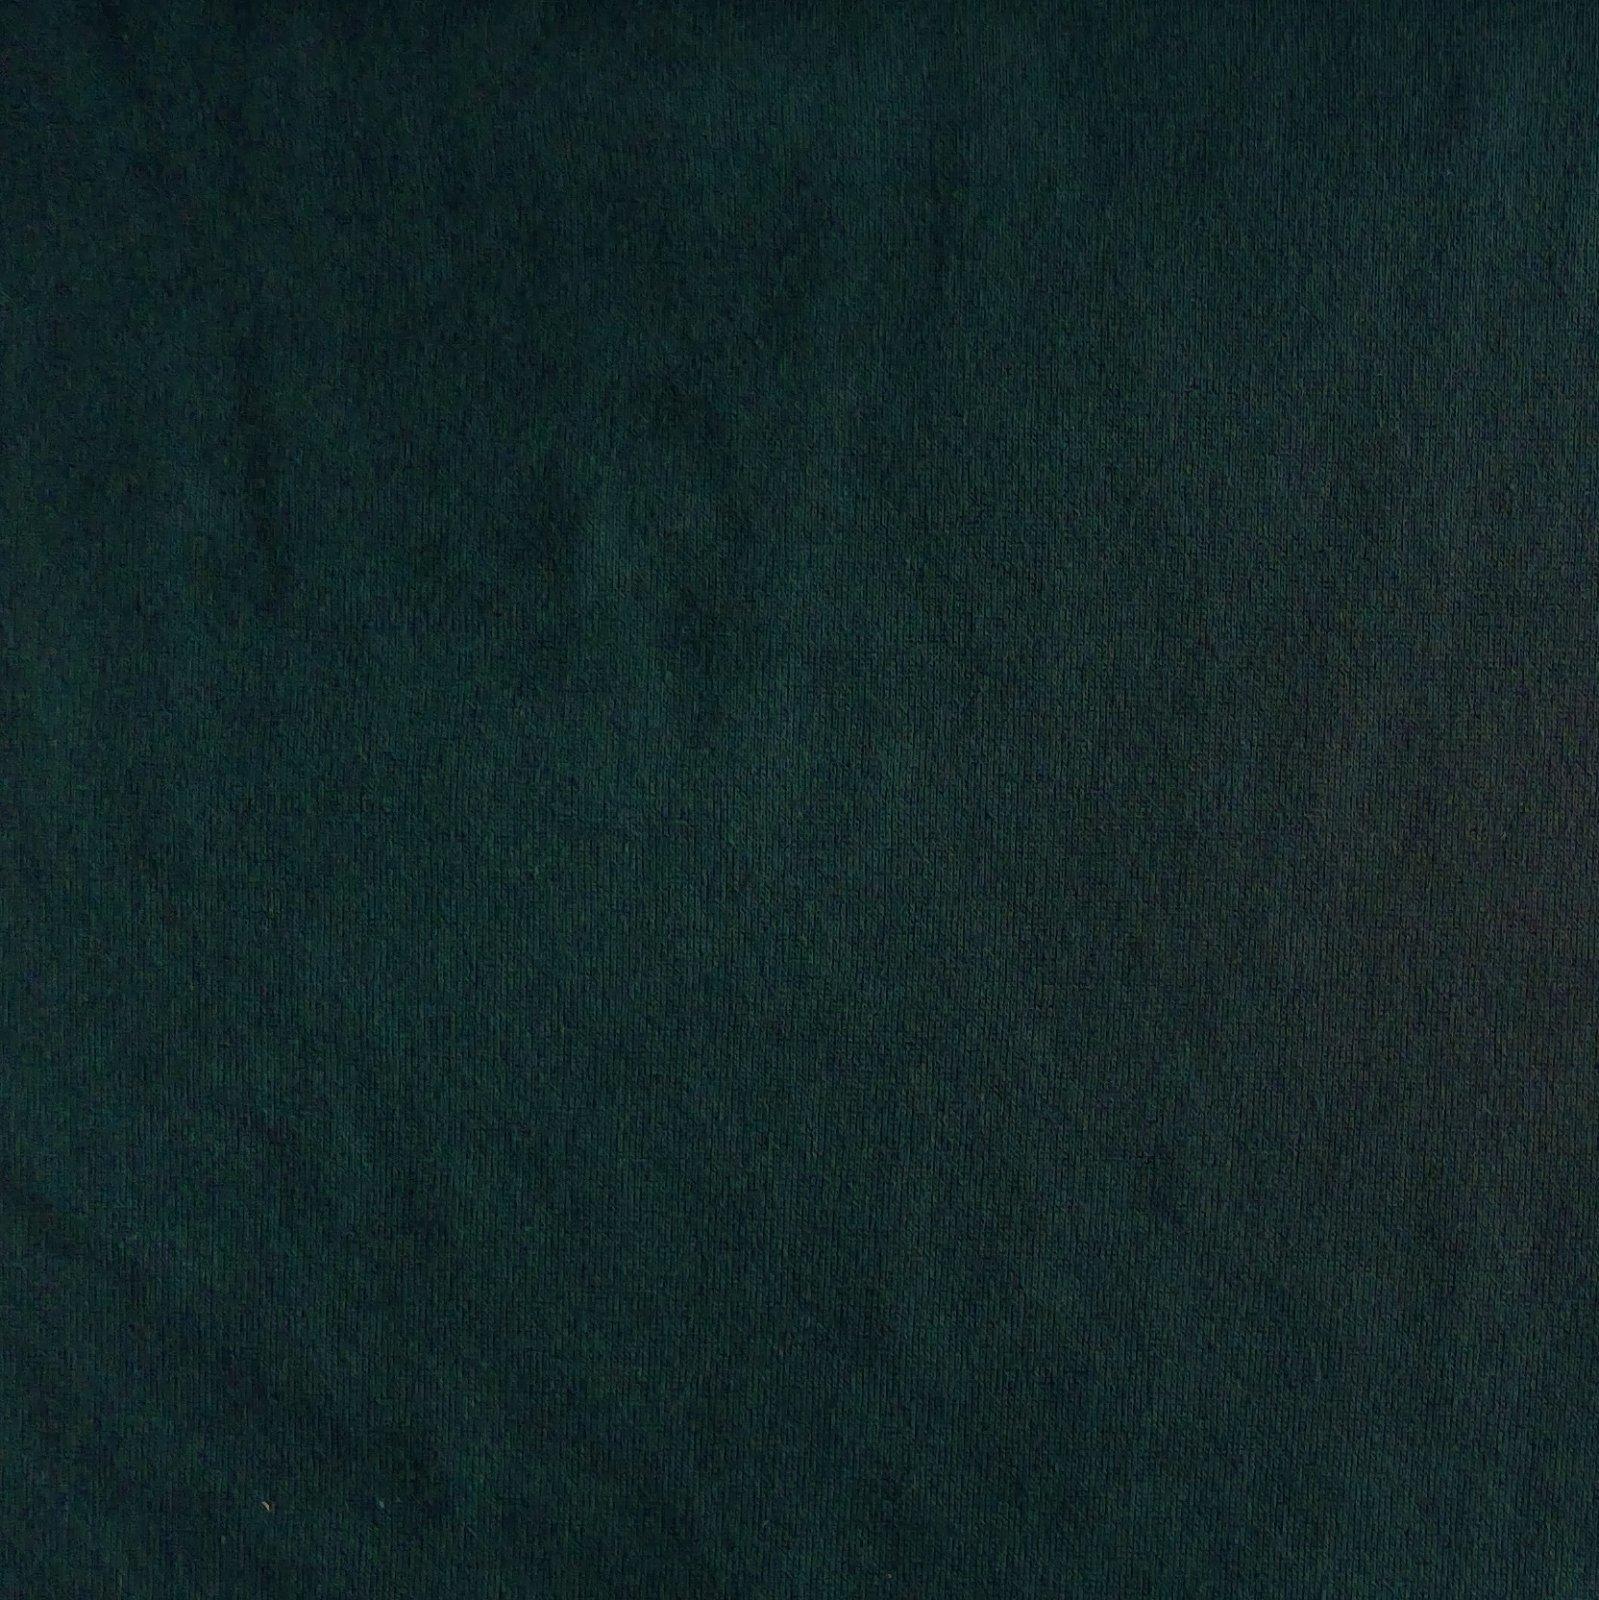 T-Shirt Interlock Cotton Blend, Bare Knits, Evergreen